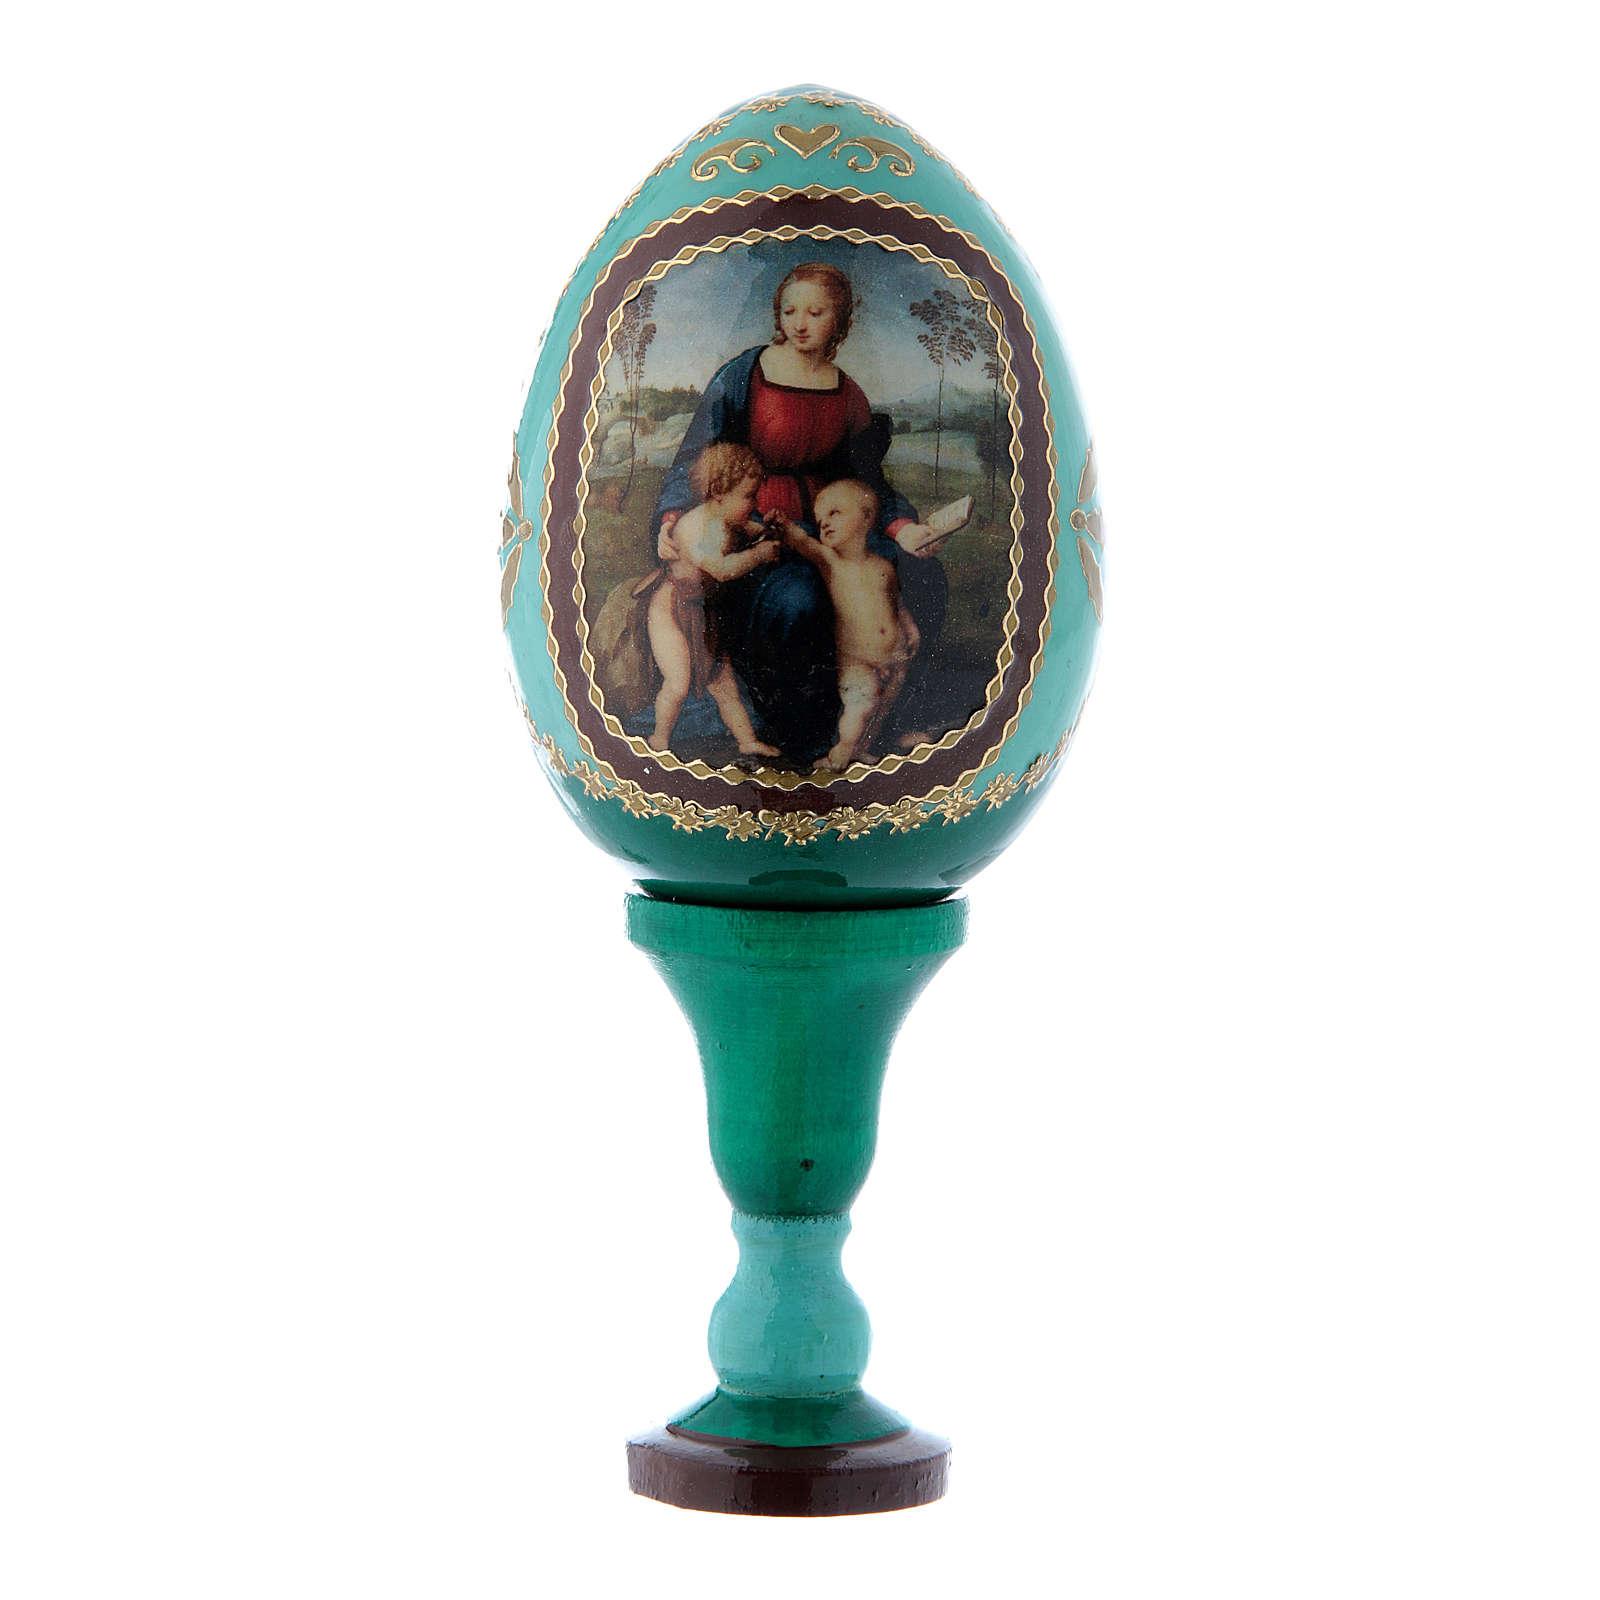 Oeuf russe La Vierge au chardonneret en bois vert h tot 13 cm 4